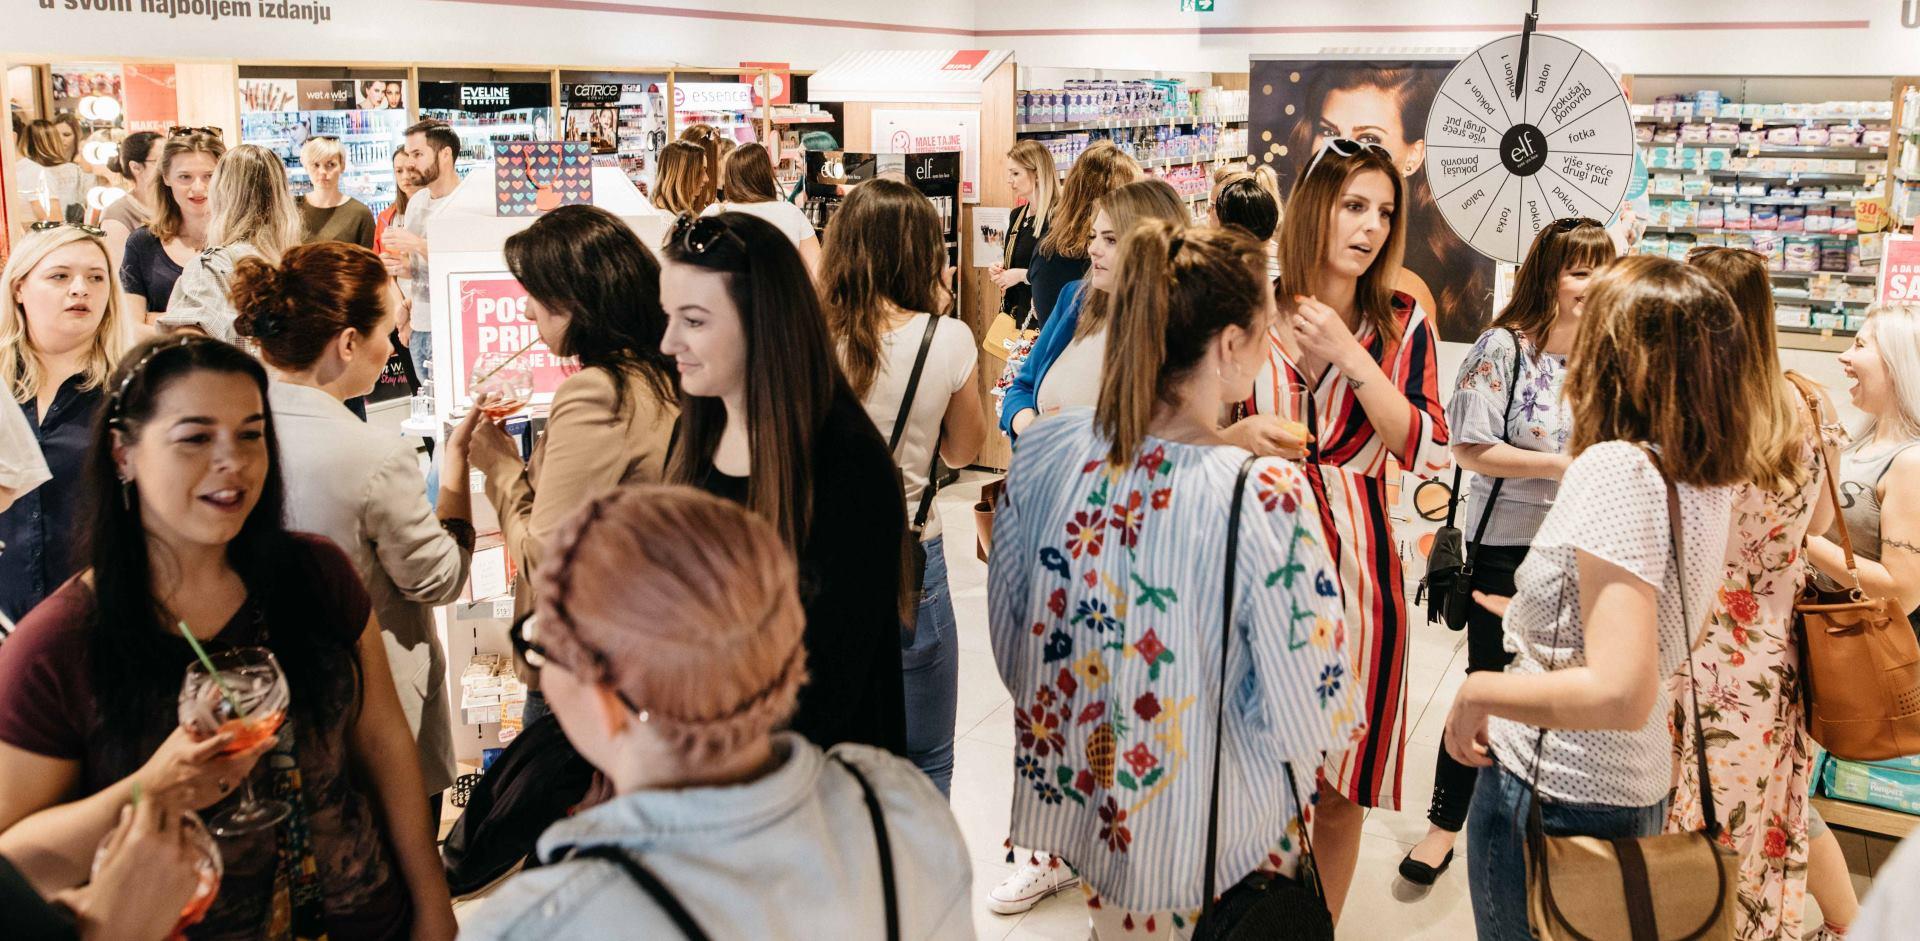 Sementa Rajhard, Lucija Lugomer, Ecija Ivušić i Lidija Lešić na predstavljanju branda e.l.f. Cosmetics